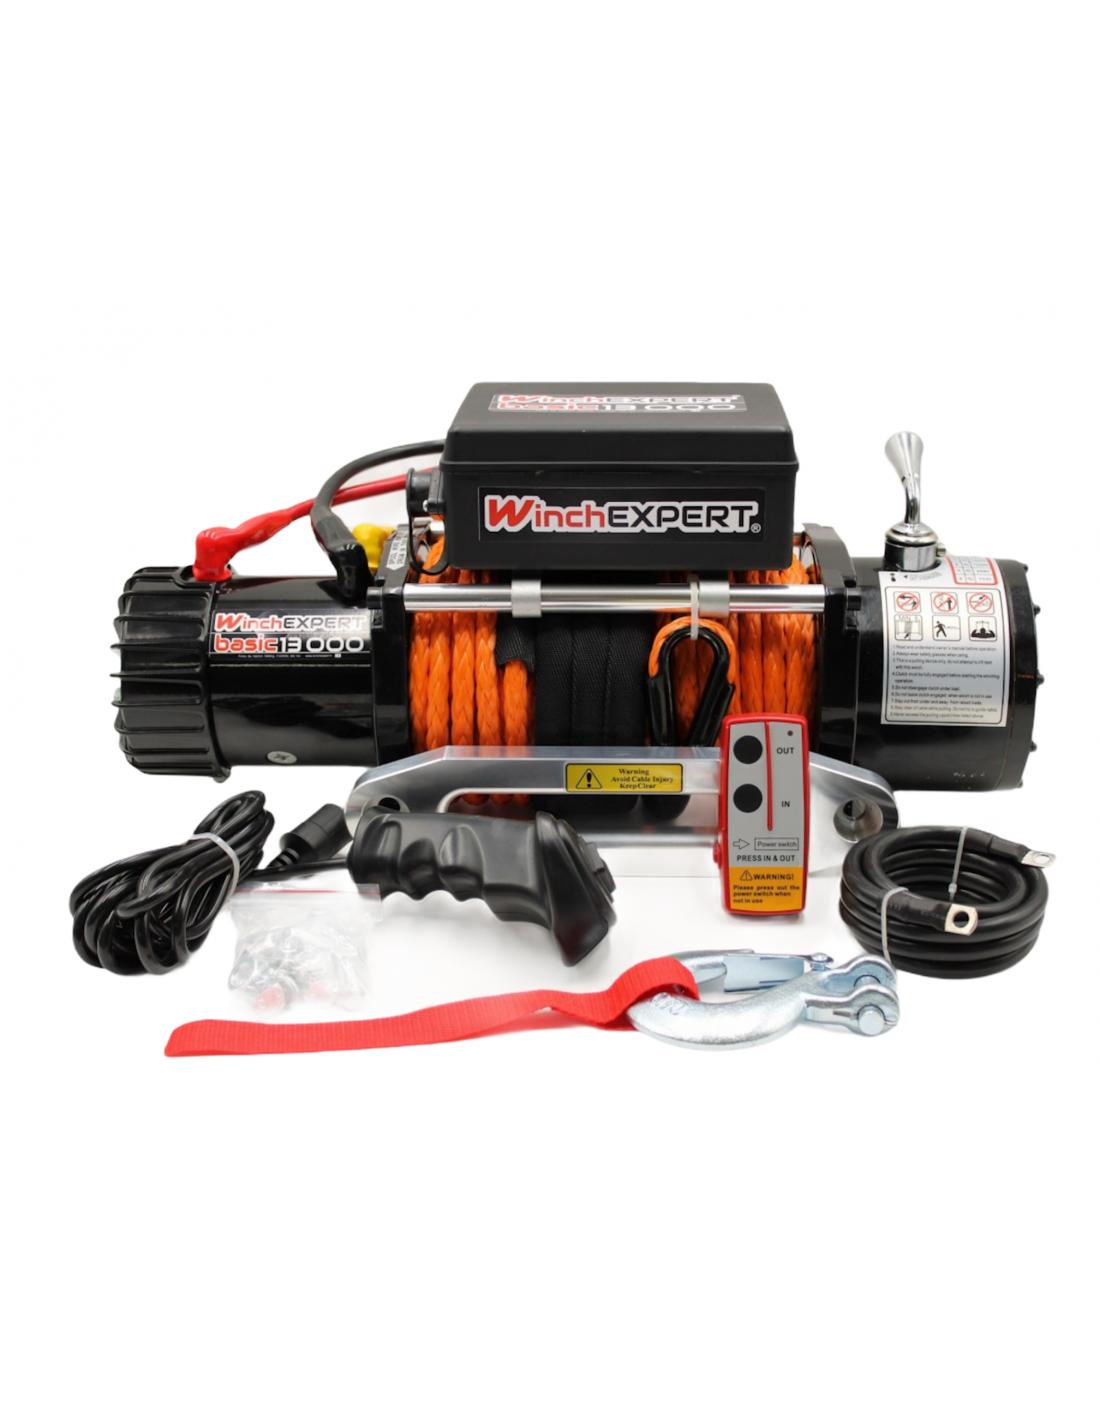 WinchExpert Treuil Electrique WinchExpert 5907 Kg 12v corde et telecommande